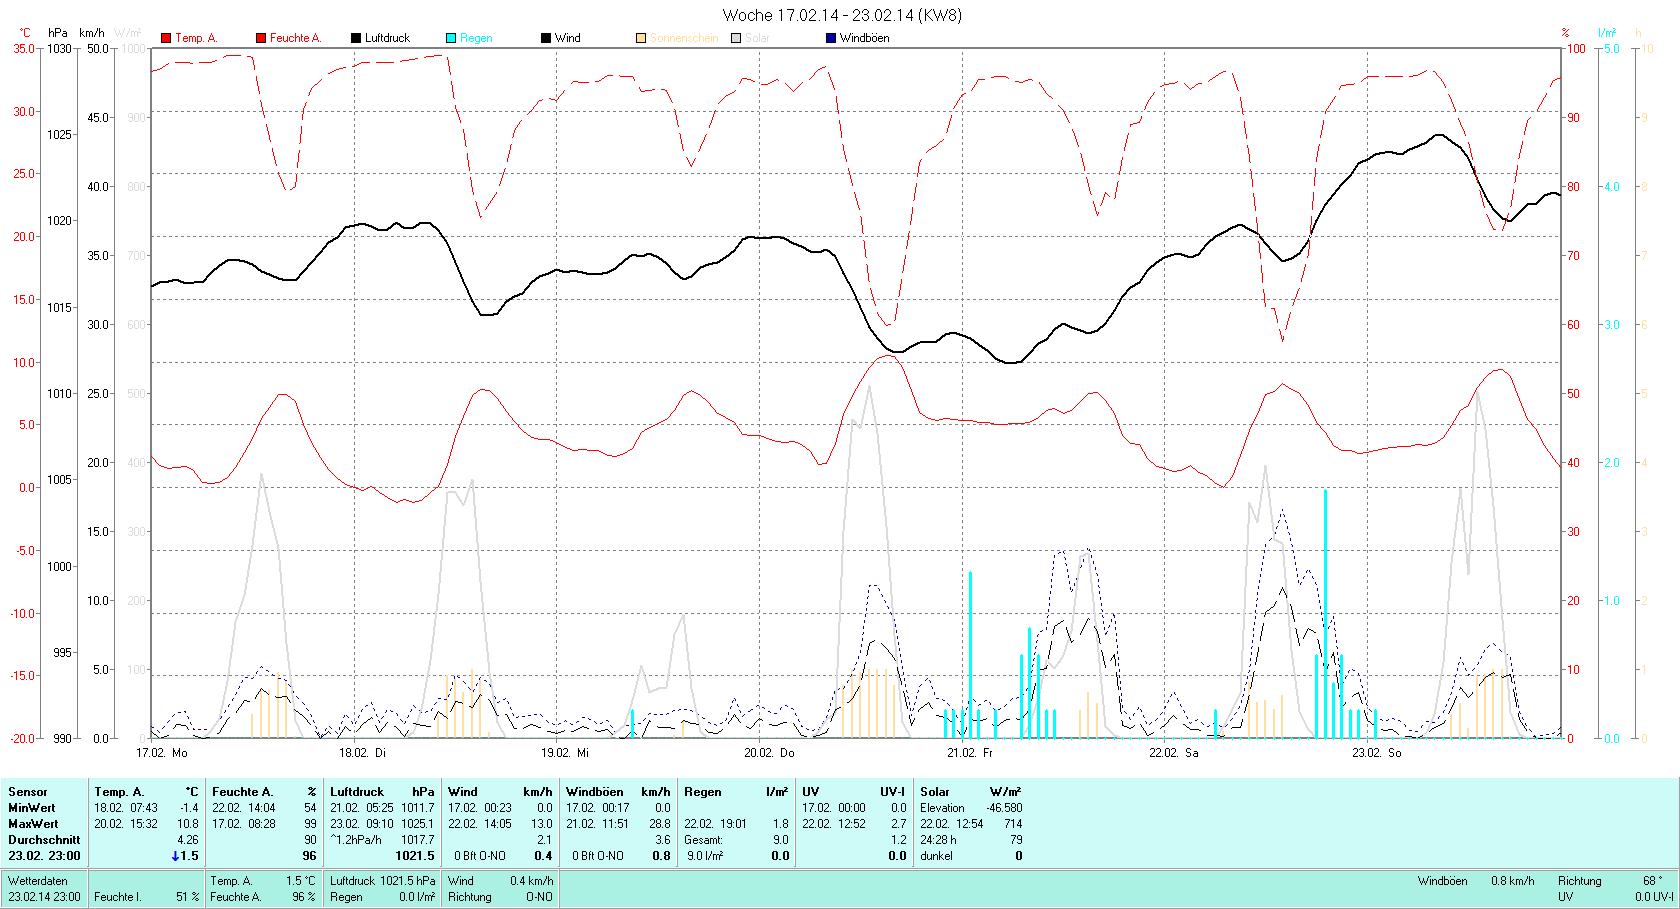 KW 08 Tmin -1.4°C, Tmax 10.8°C, Sonne 28:51h, Niederschlag 9.0mm/2